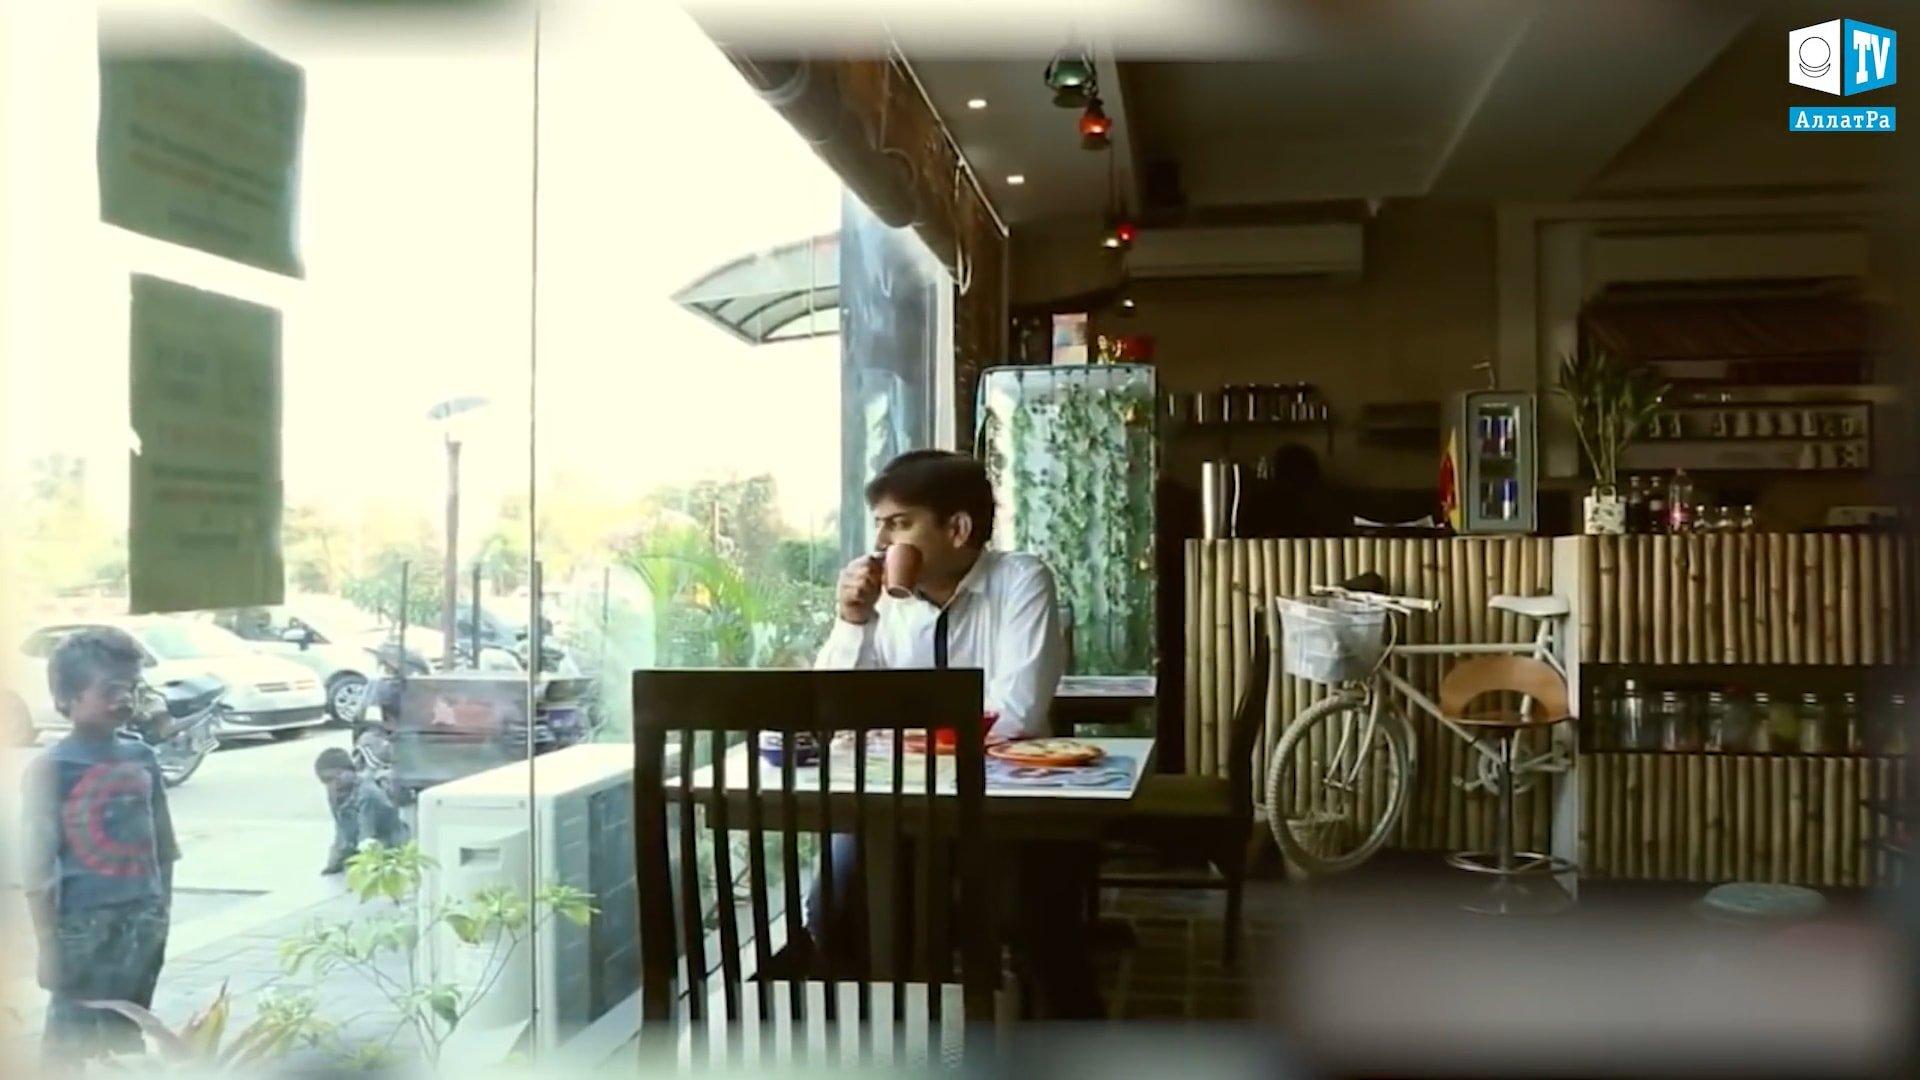 Kavárna v Indii. Foto